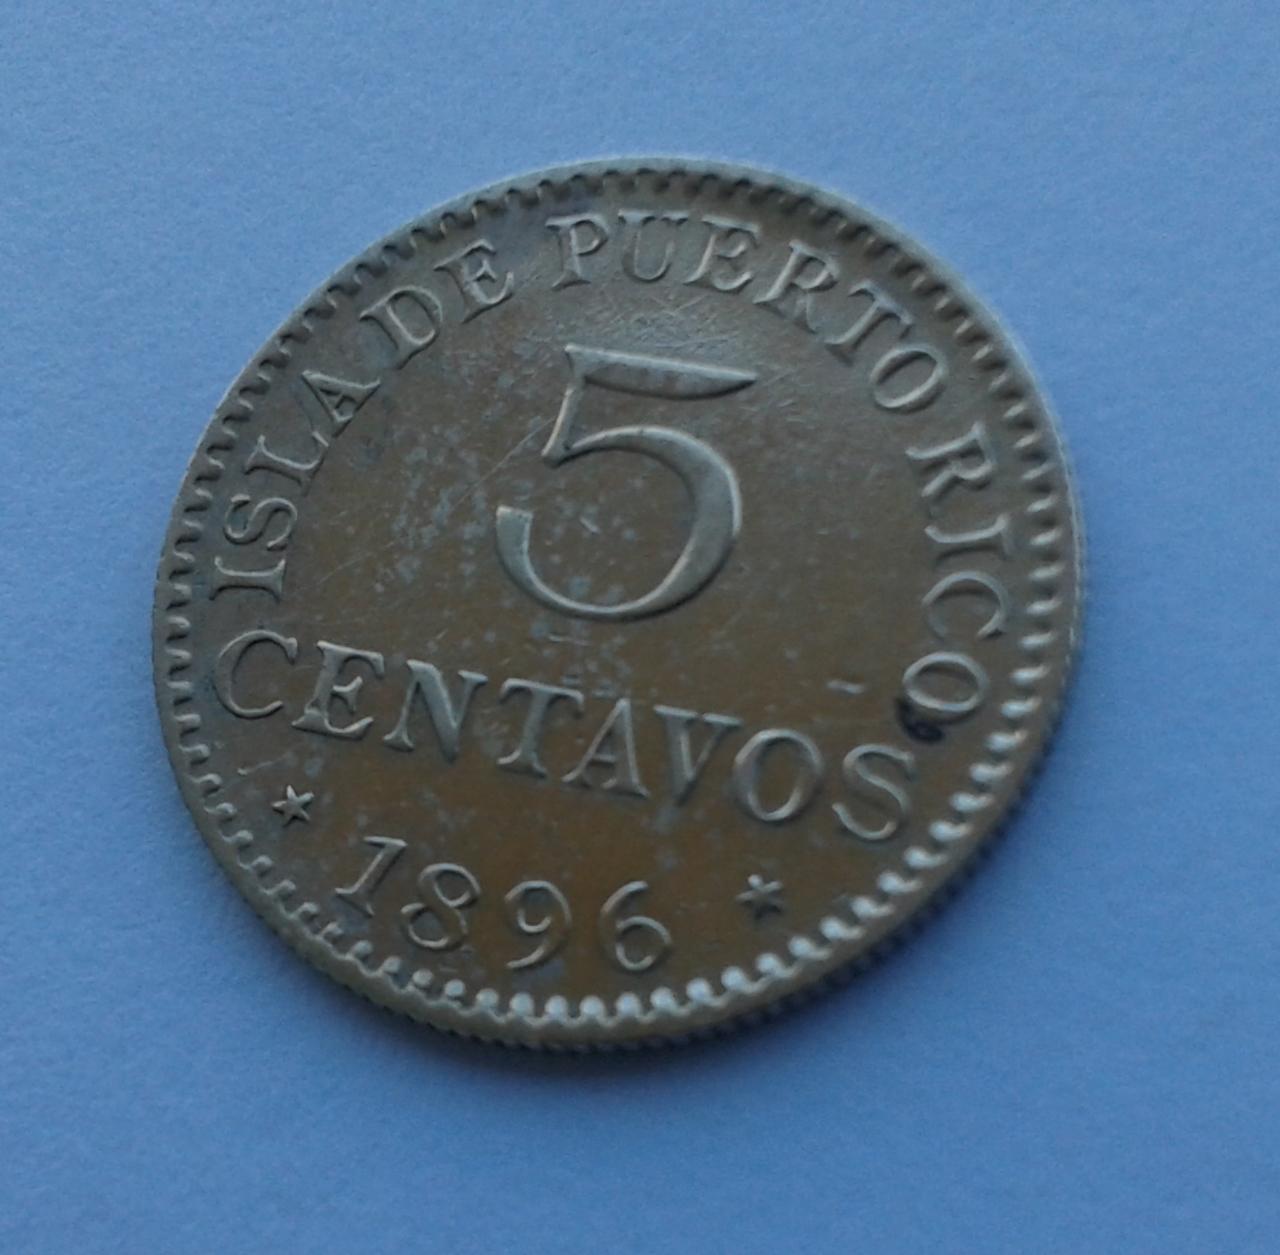 5 Centavos 1896 Puerto Rico - Alfonso XIII 20141027_152845